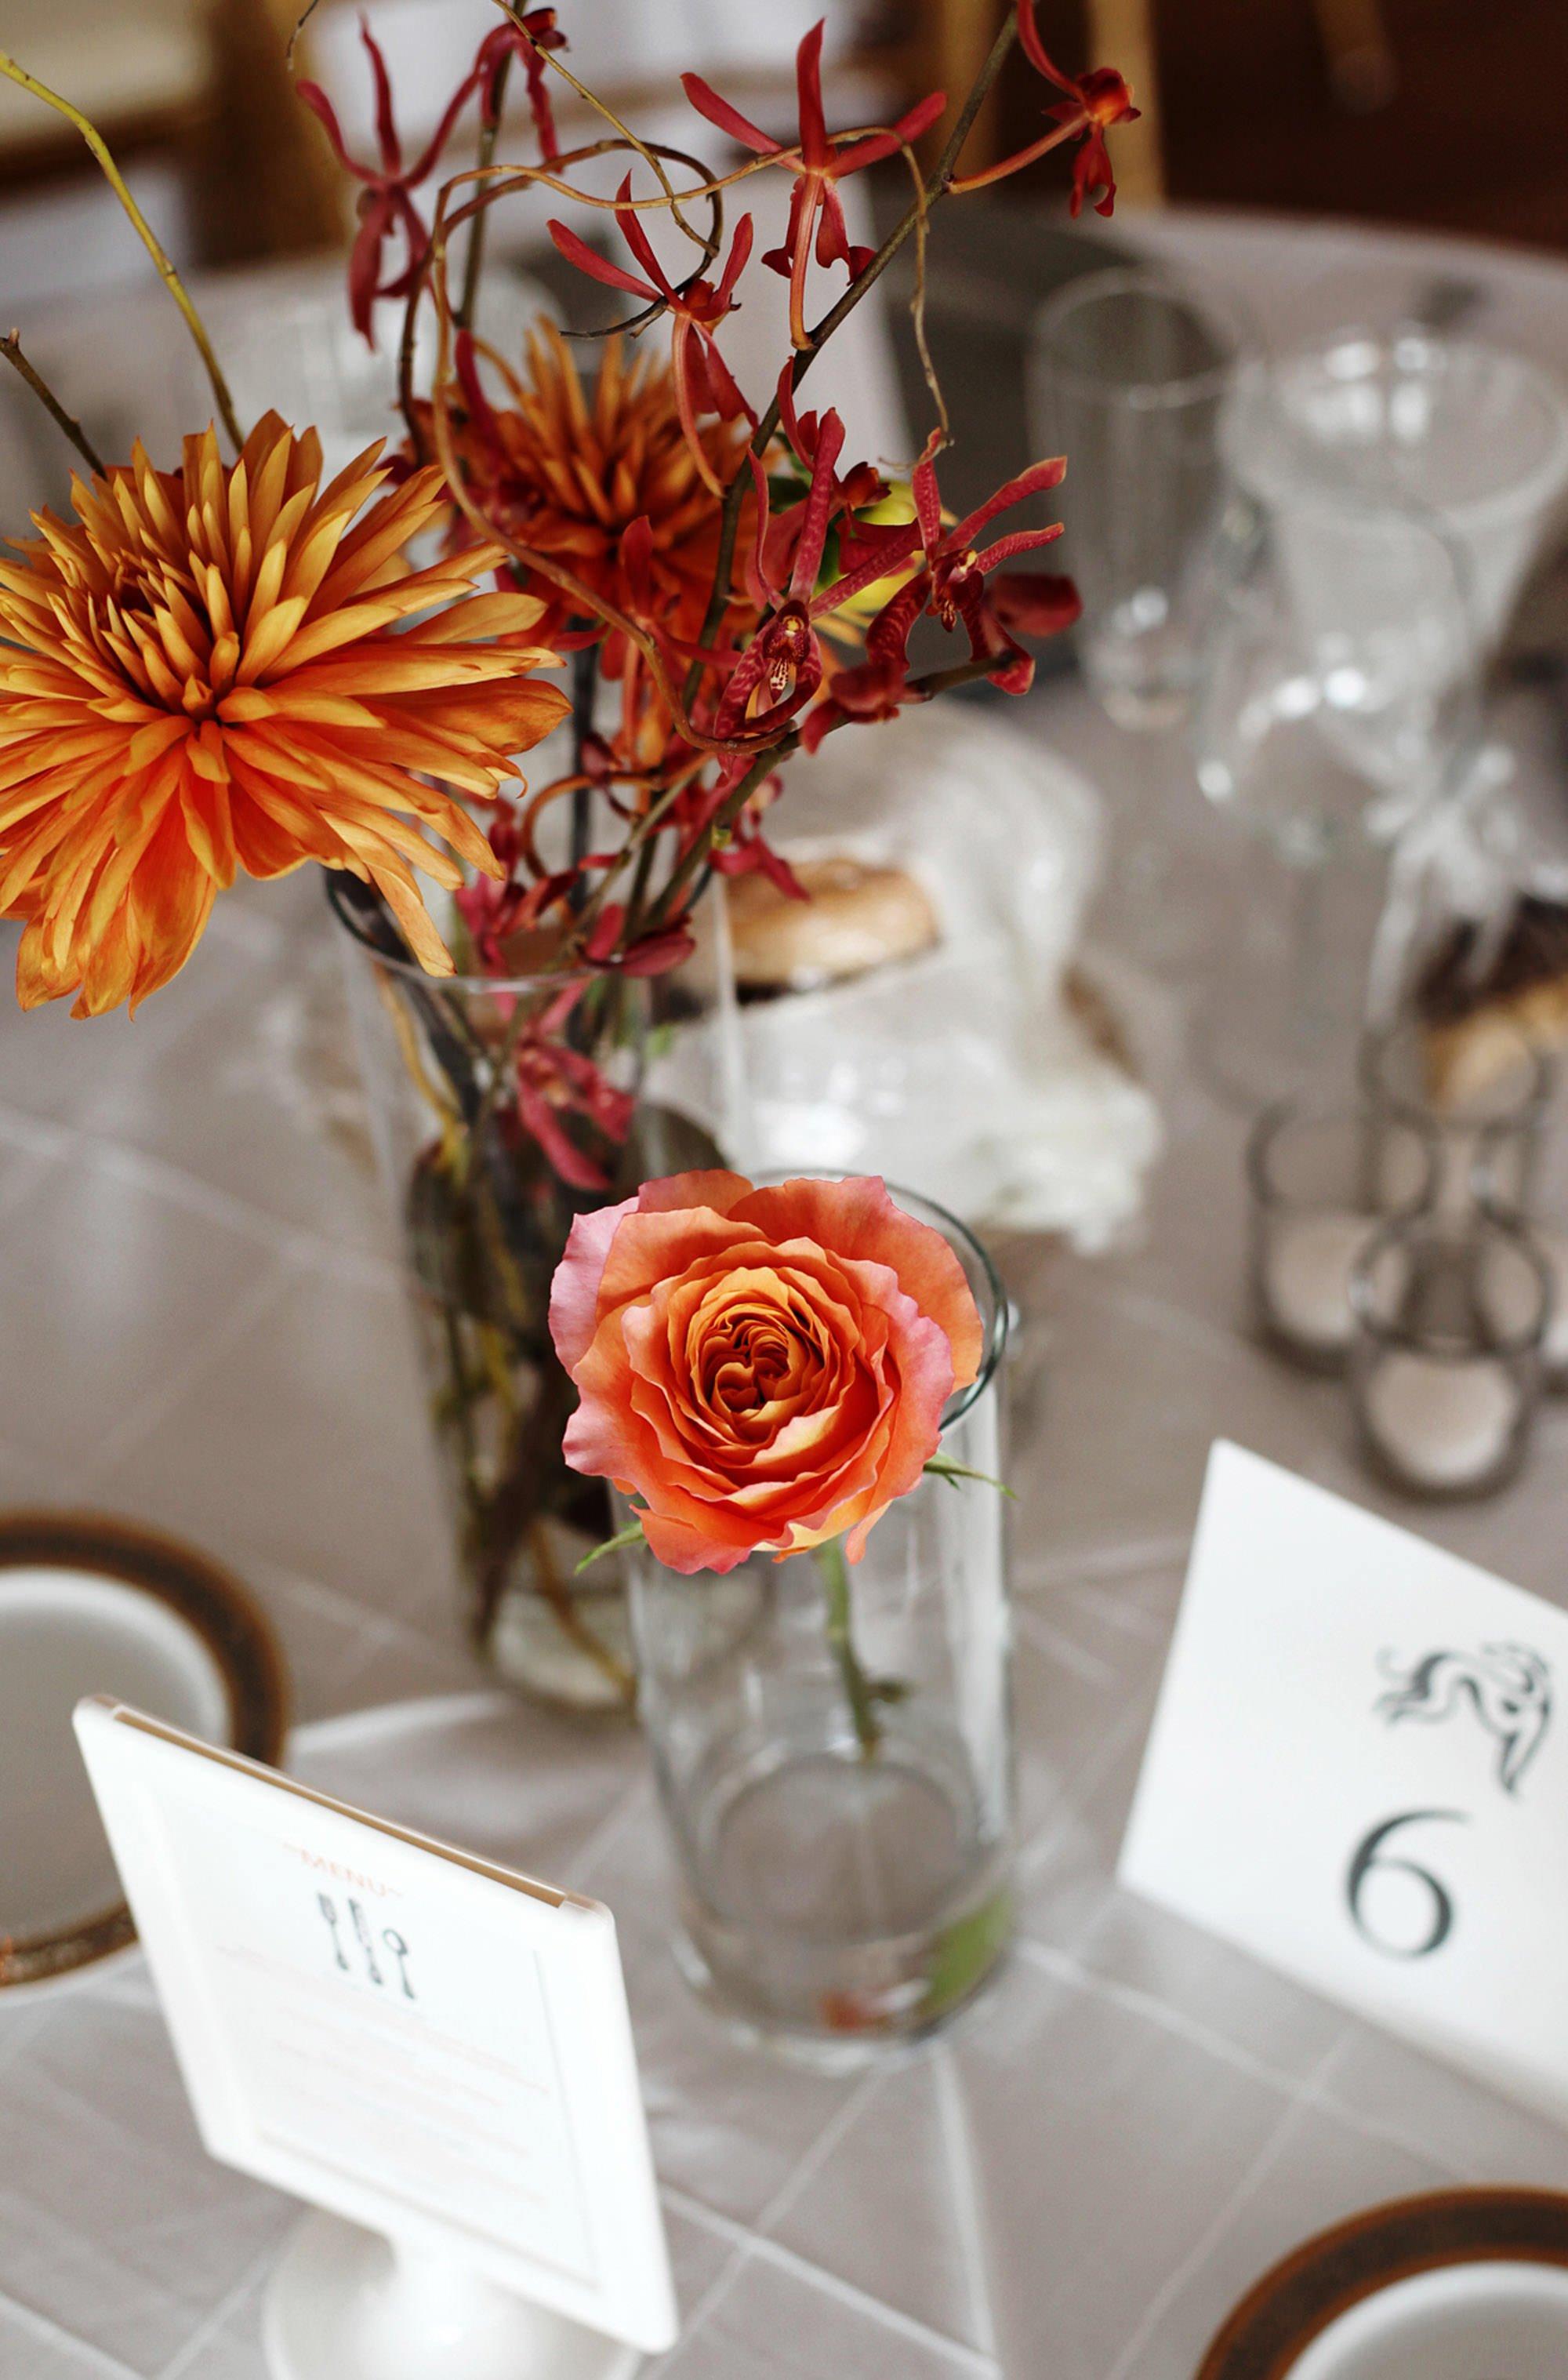 Floral centerpieces.